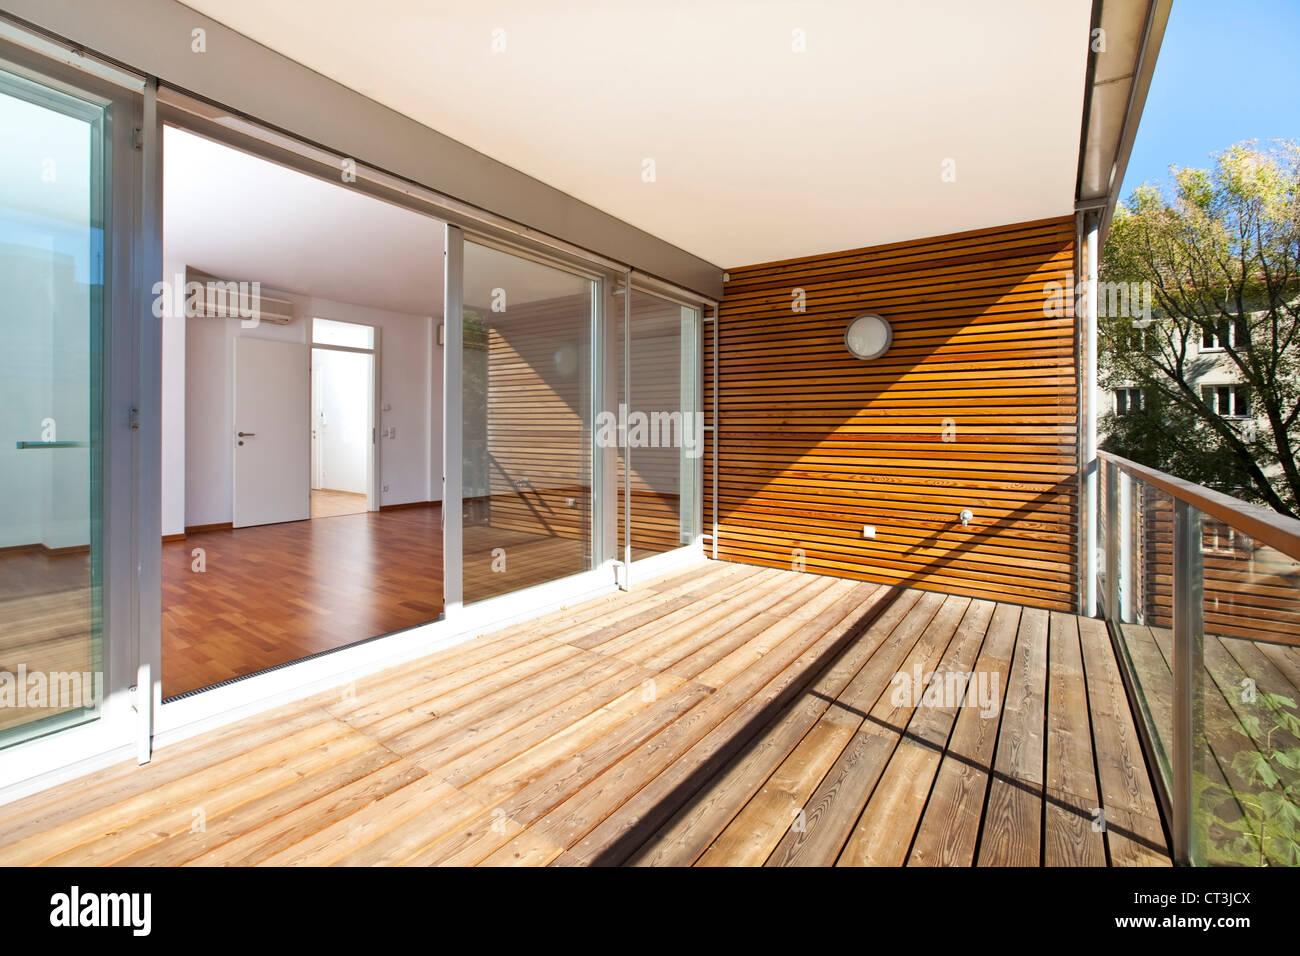 Sonnigen balkon mit holzboden und wand des architektonisch modern